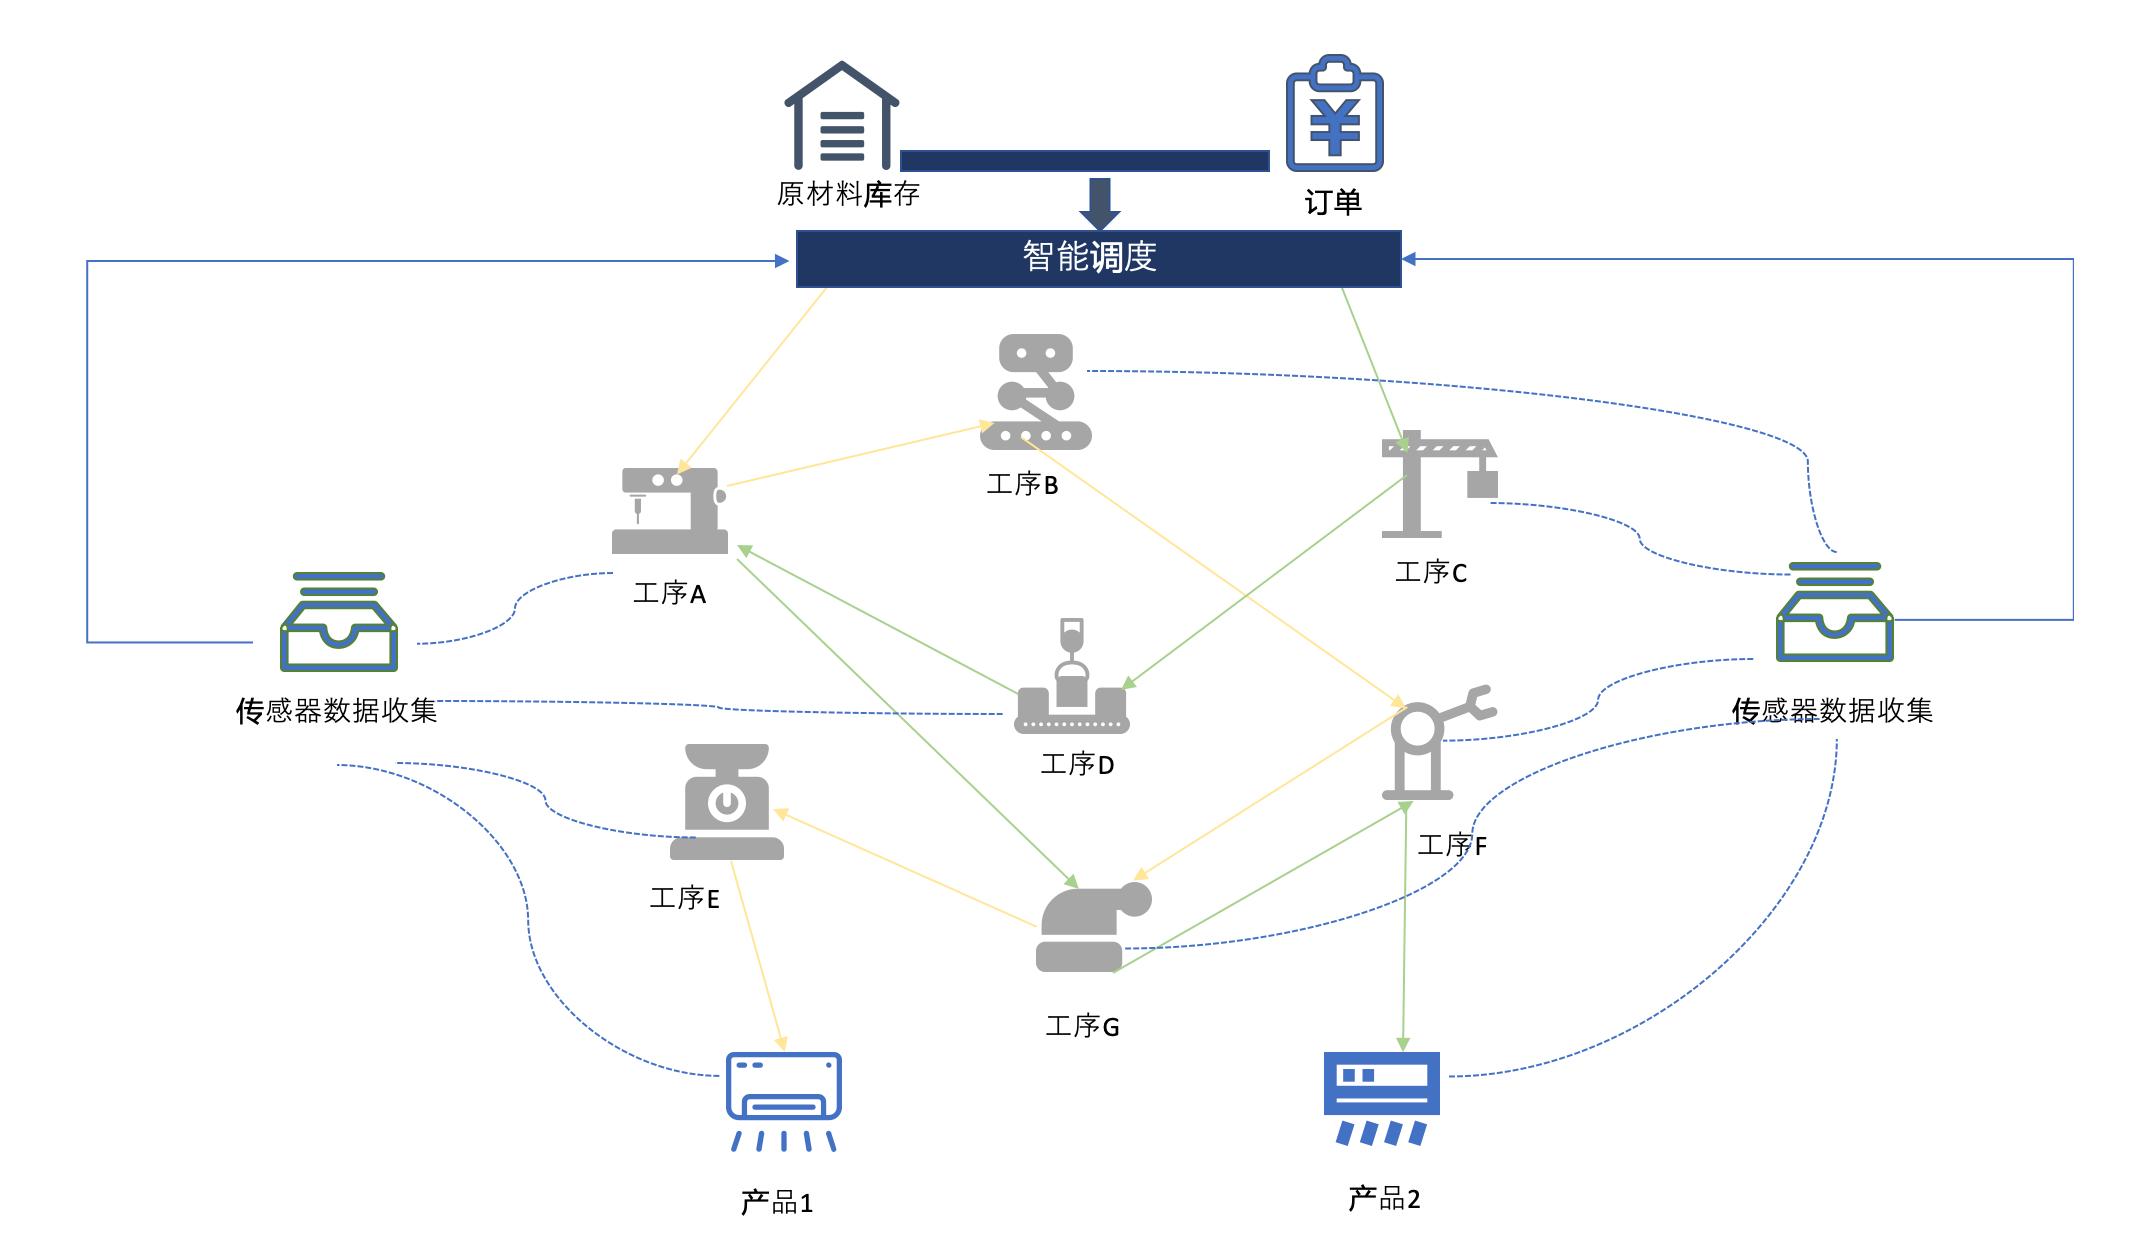 中国电商的下一个绝佳机会